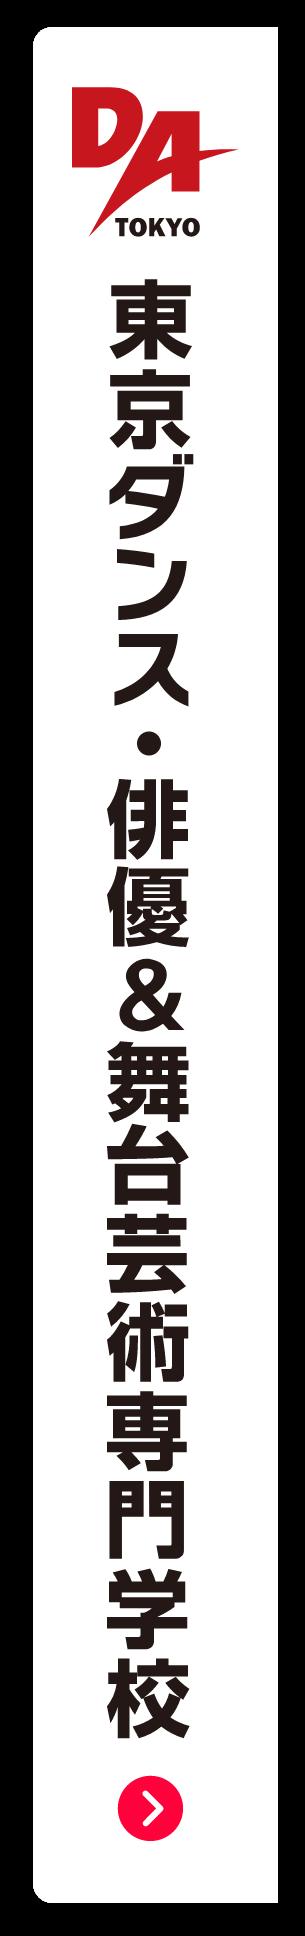 東京ダンス・俳優&舞台芸術専門学校